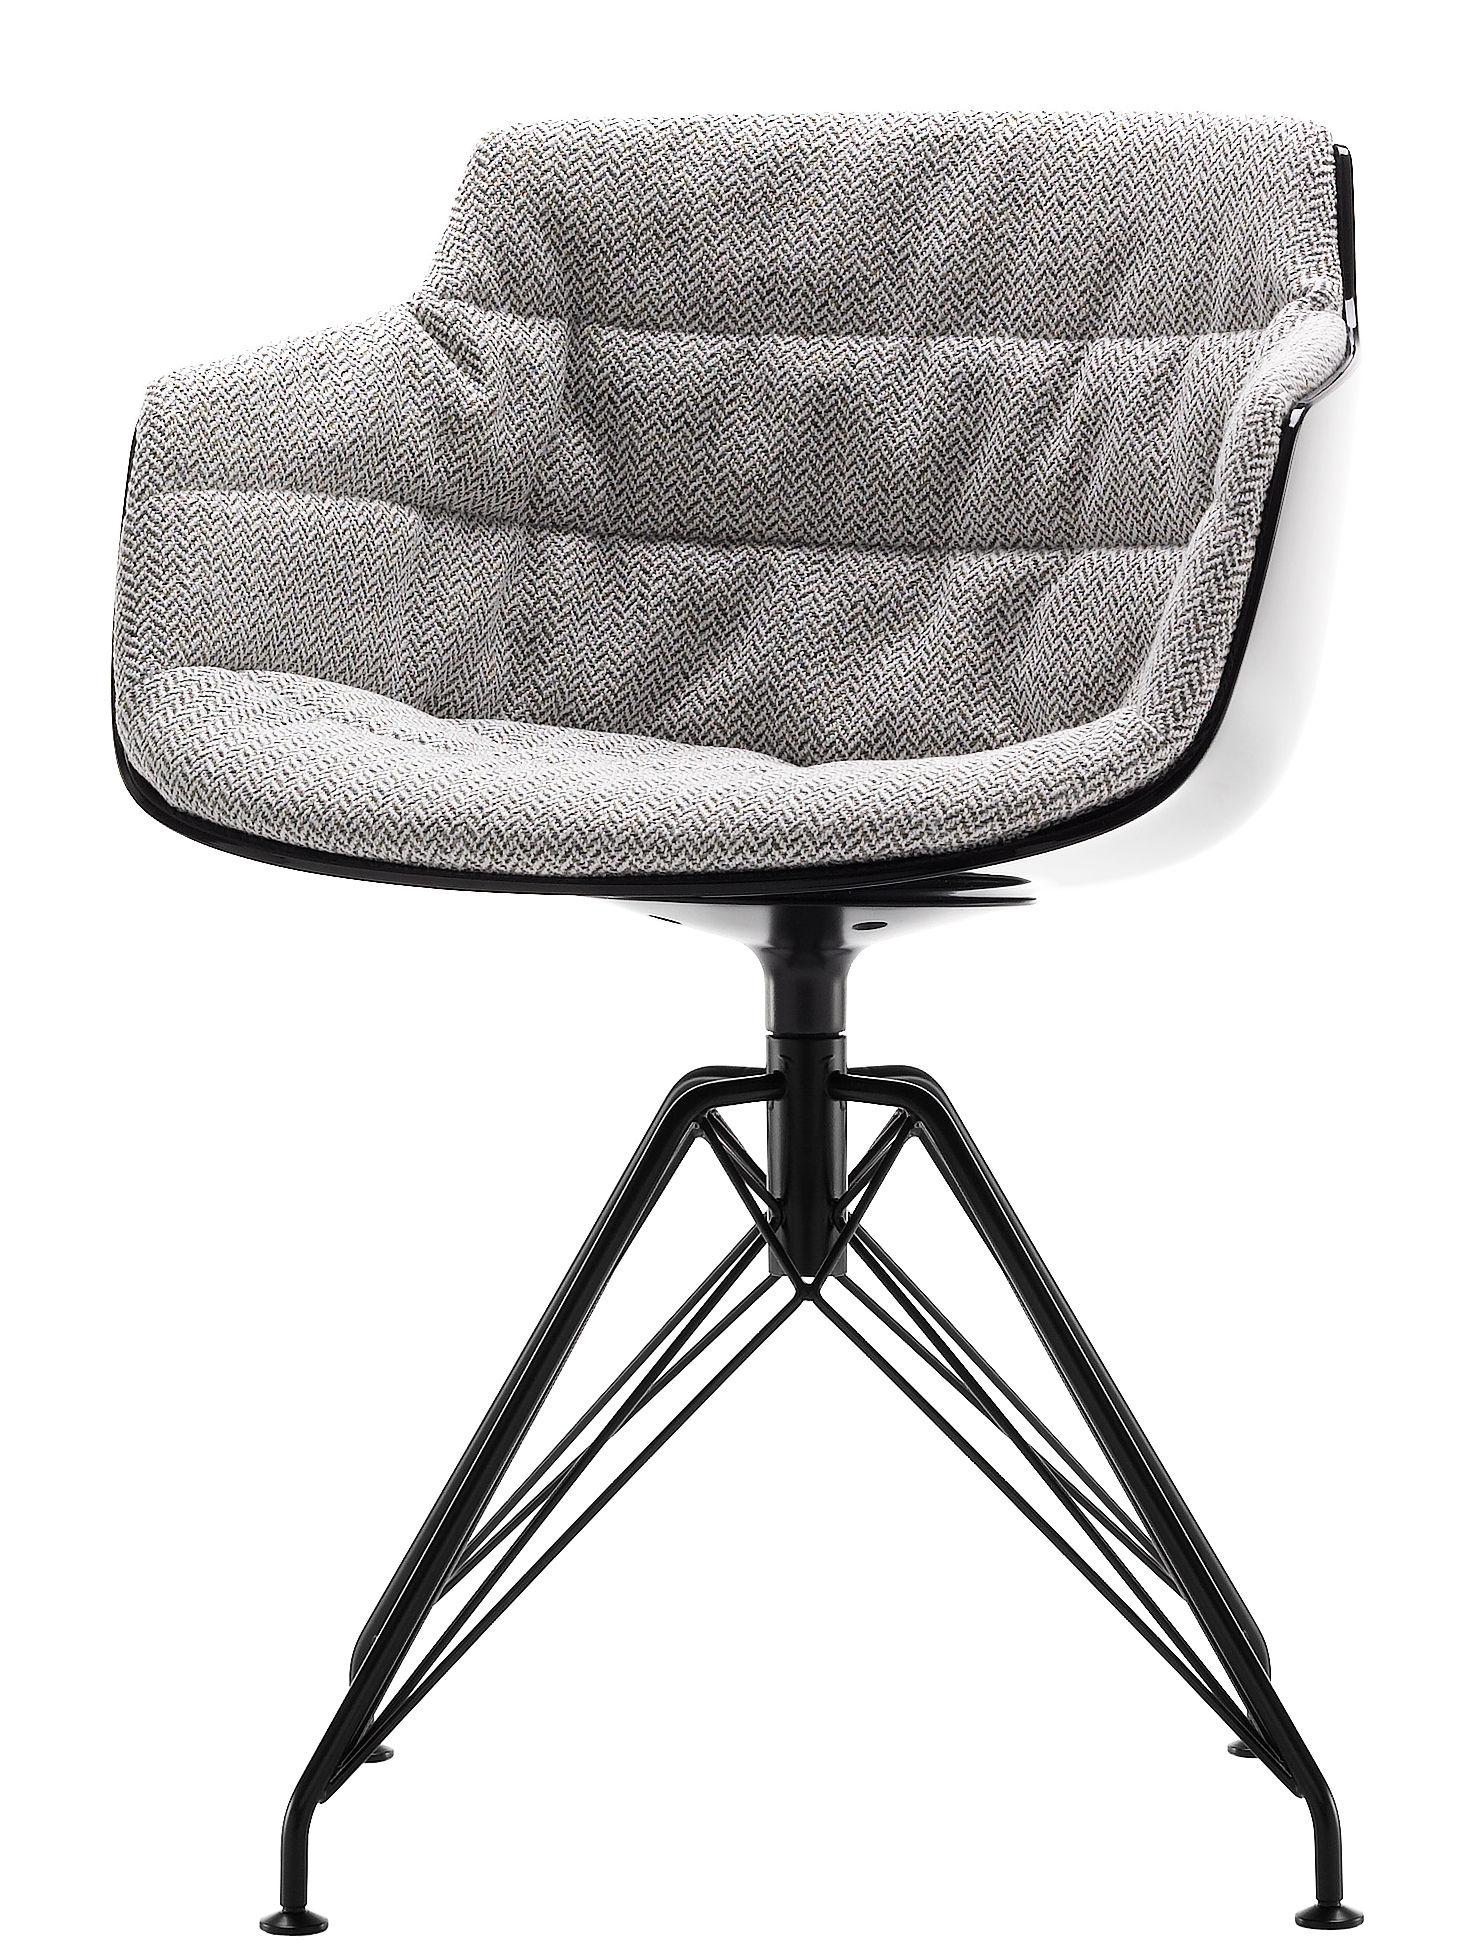 Mobilier - Chaises, fauteuils de salle à manger - Fauteuil pivotant Flow Slim / Rembourré - 4 pieds LEM - MDF Italia - Tissu beige moucheté / Coque noire / Pieds graphite - Acier peint, Polycarbonate, Tissu